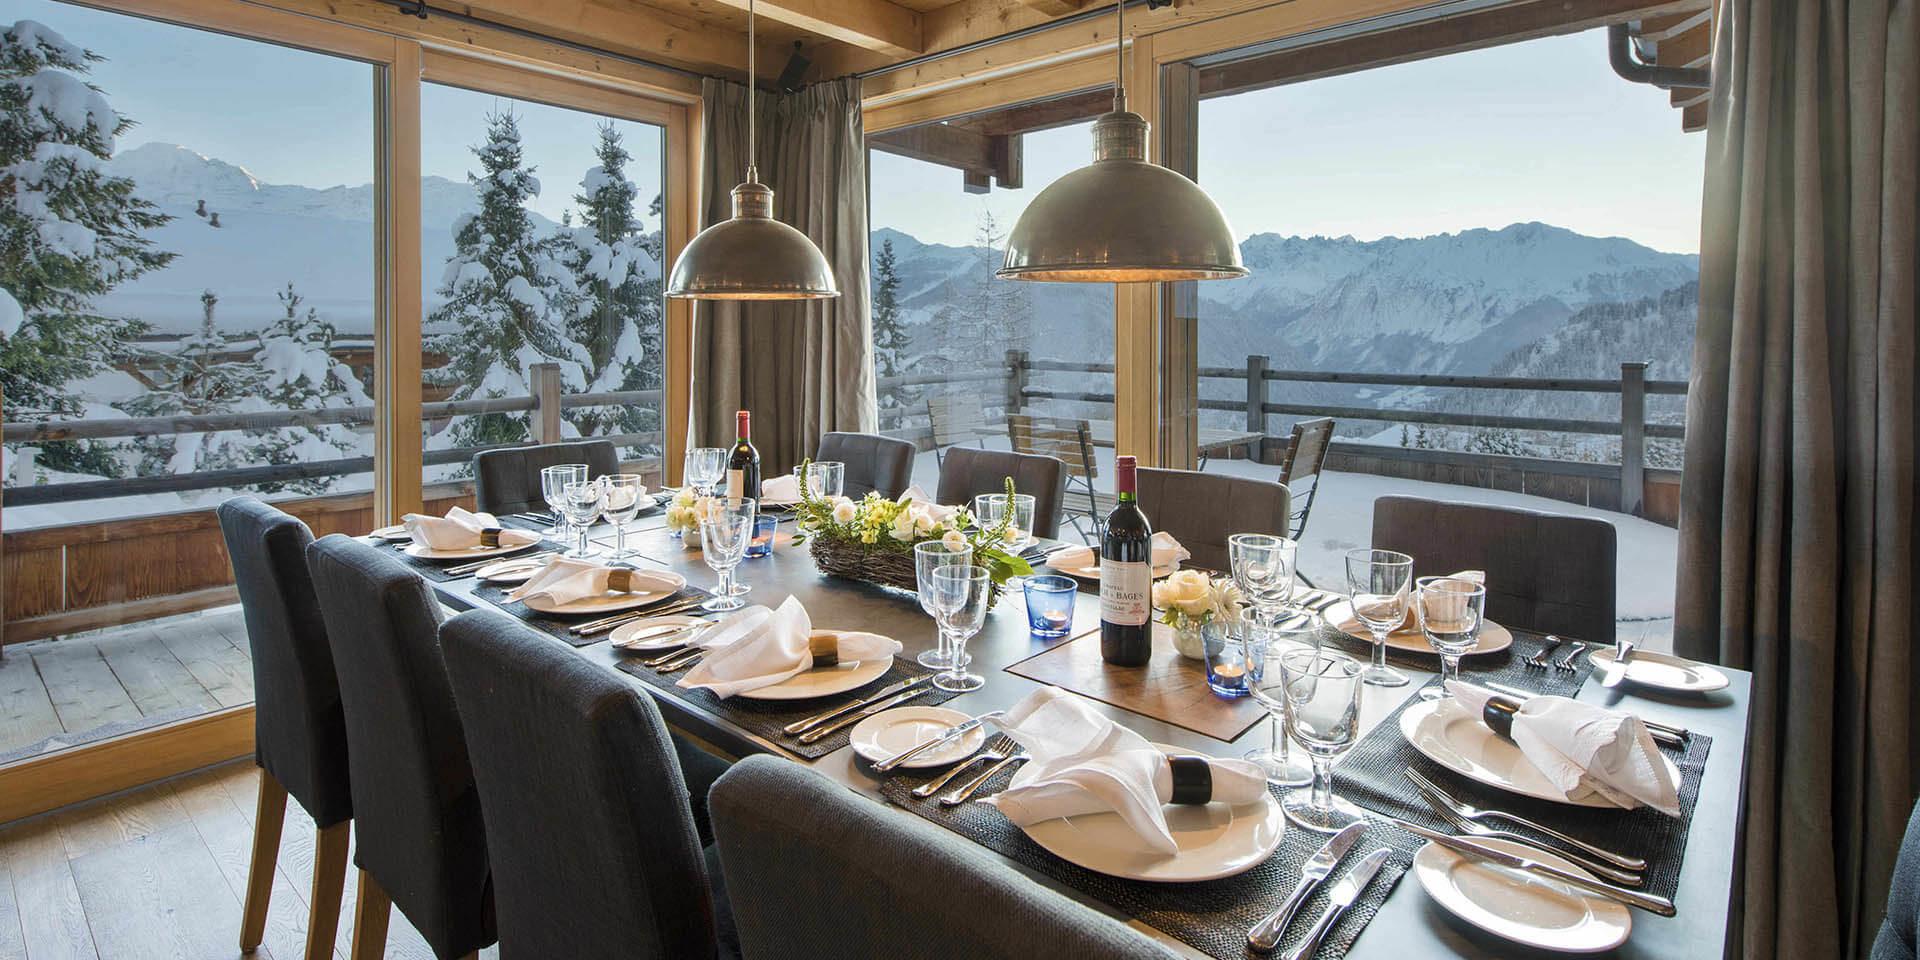 Chalet Rock Verbier Les 4 Vallees Zwitserland wintersport skivakantie luxe eetkamer gedekte tafel wijn wijnglazen lampen balkon stoelen uitzicht besneeuwde bomen bergen sneeuw